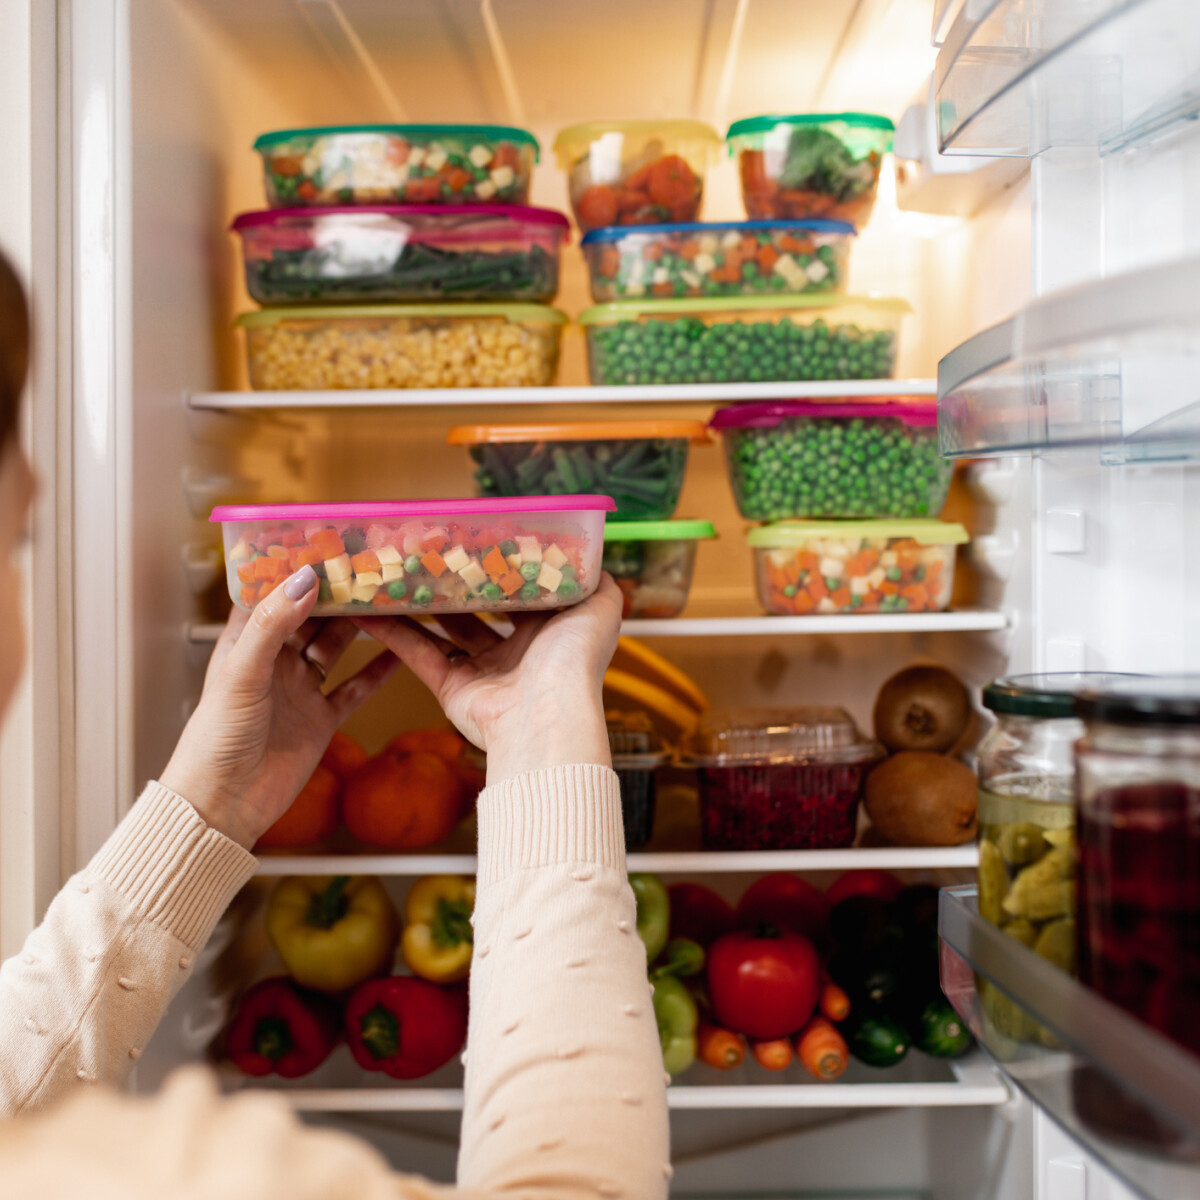 Rossz étkezési szokások, amelyeken jó, ha változtatsz az ünnepek előtt